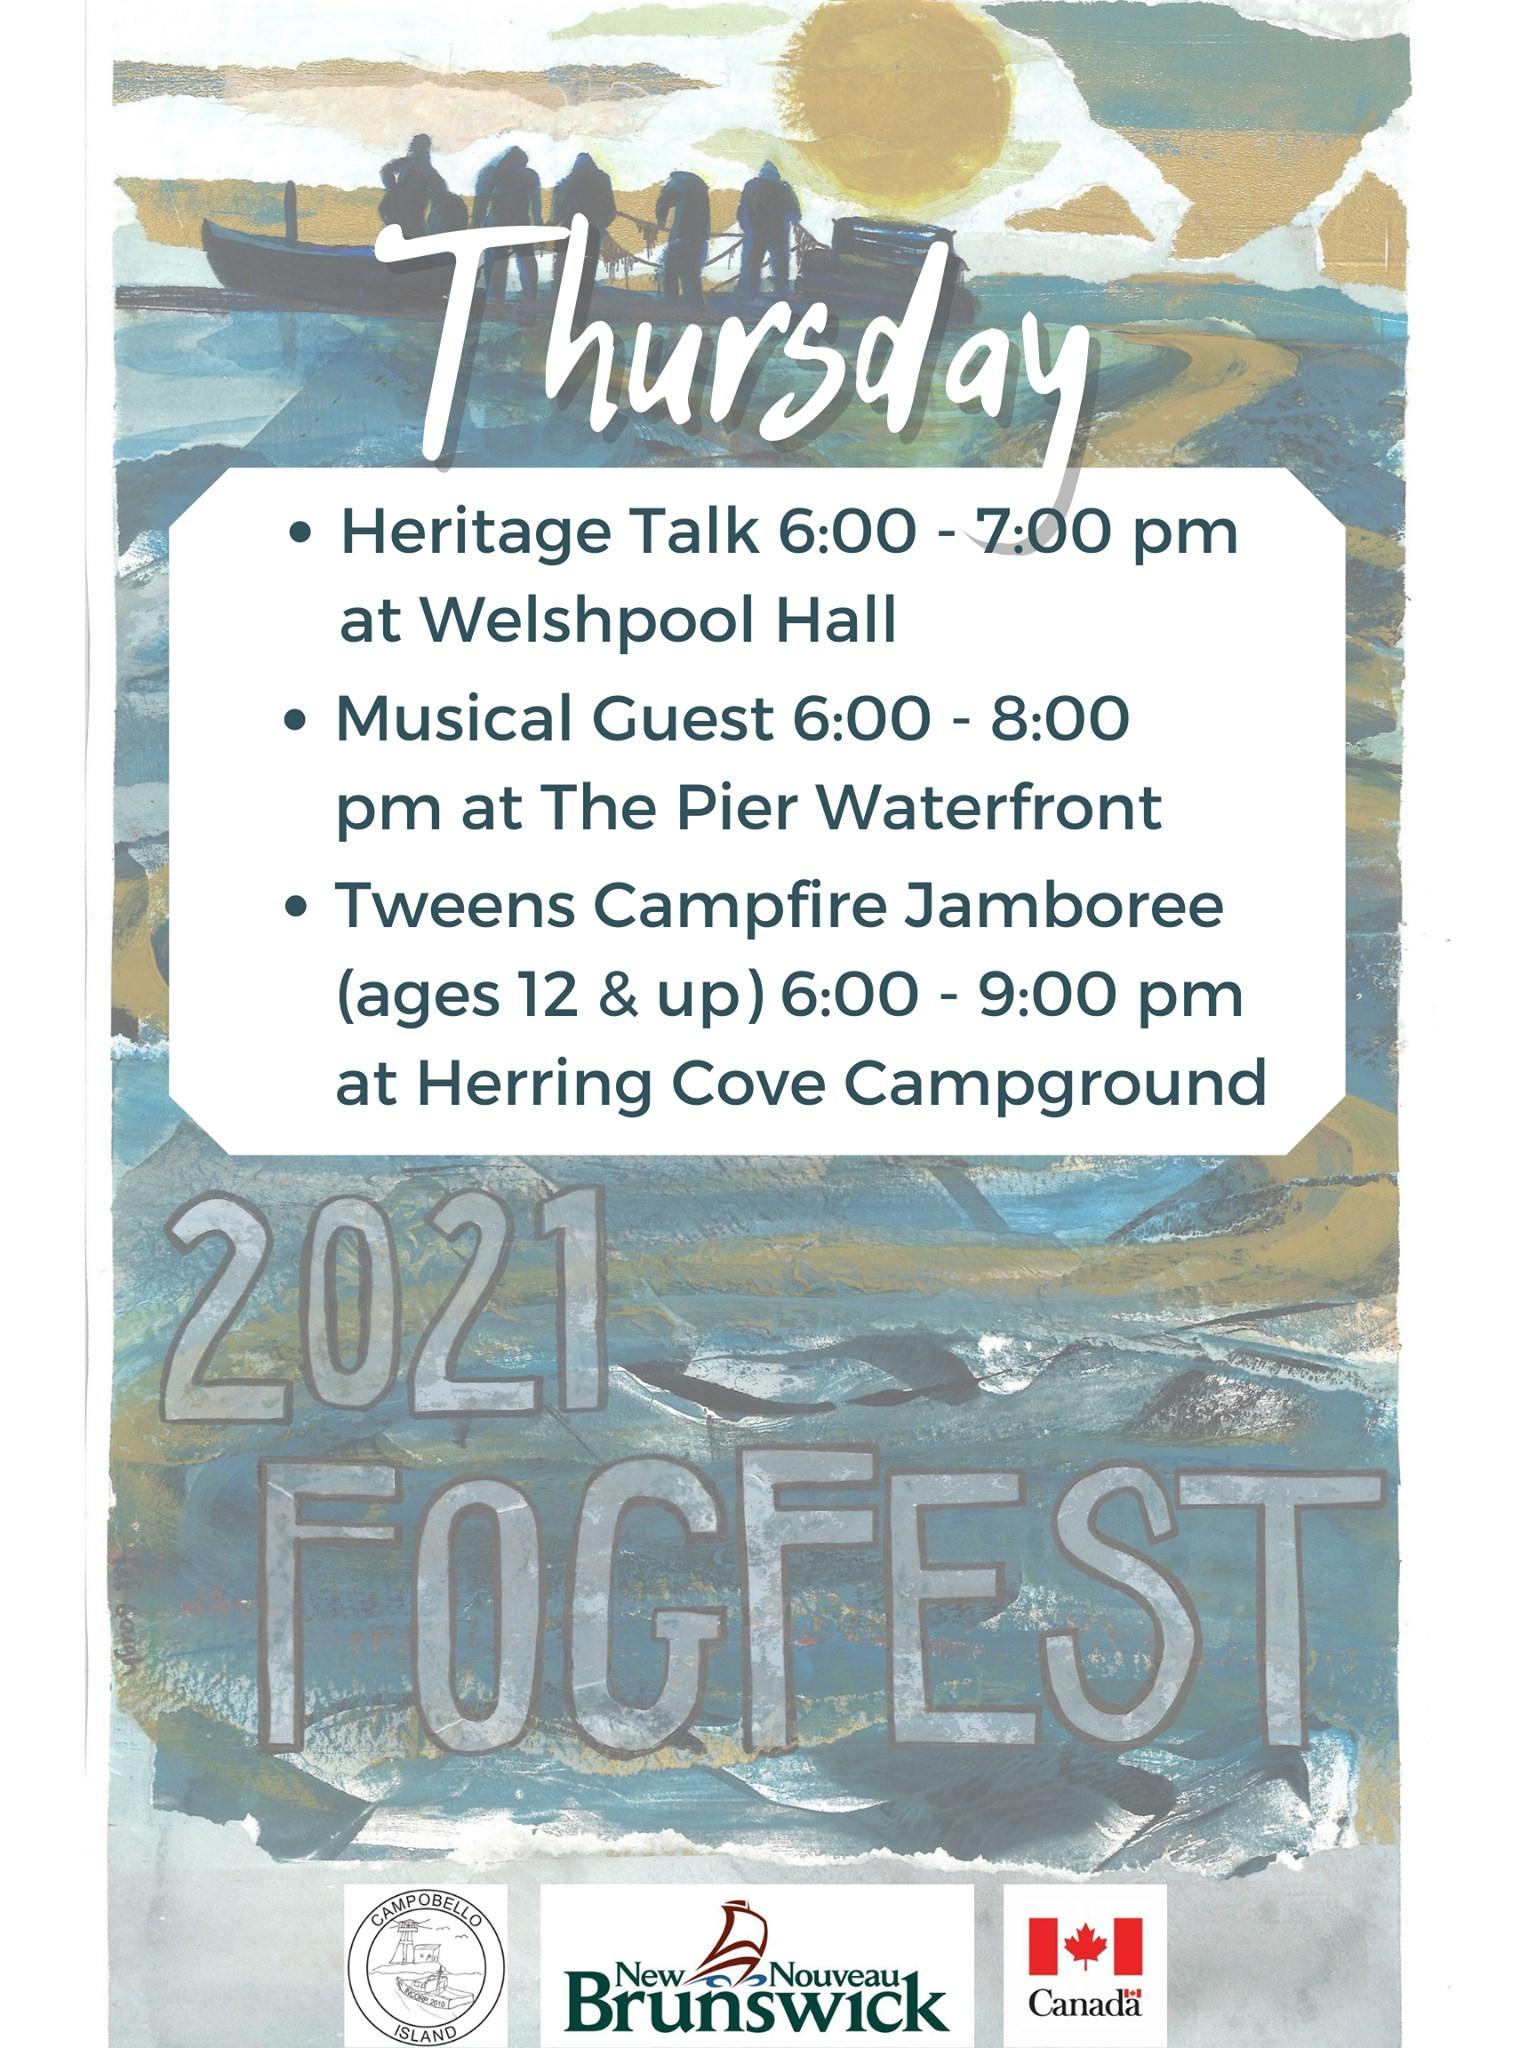 Fogfest - Thursday